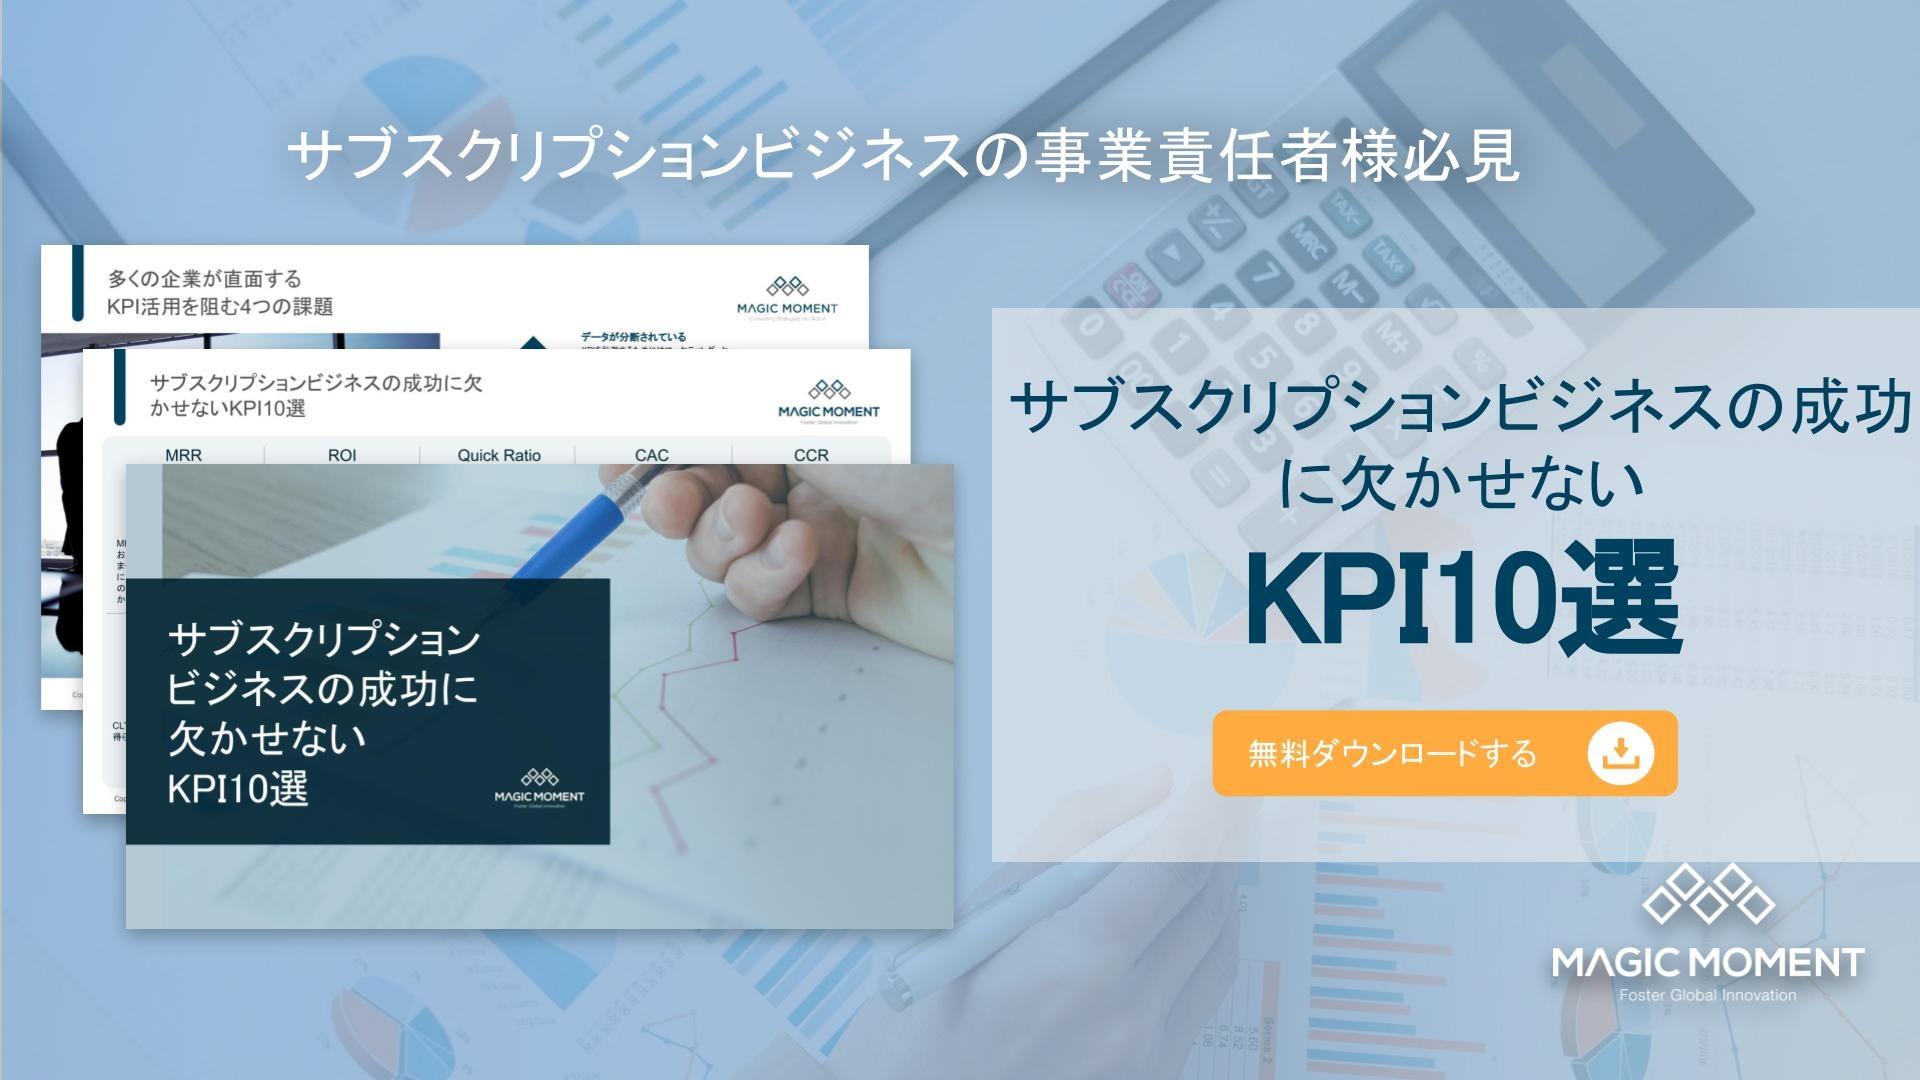 Accel-190816-サブスクリプションビジネスの成功に欠かせないKPI10選